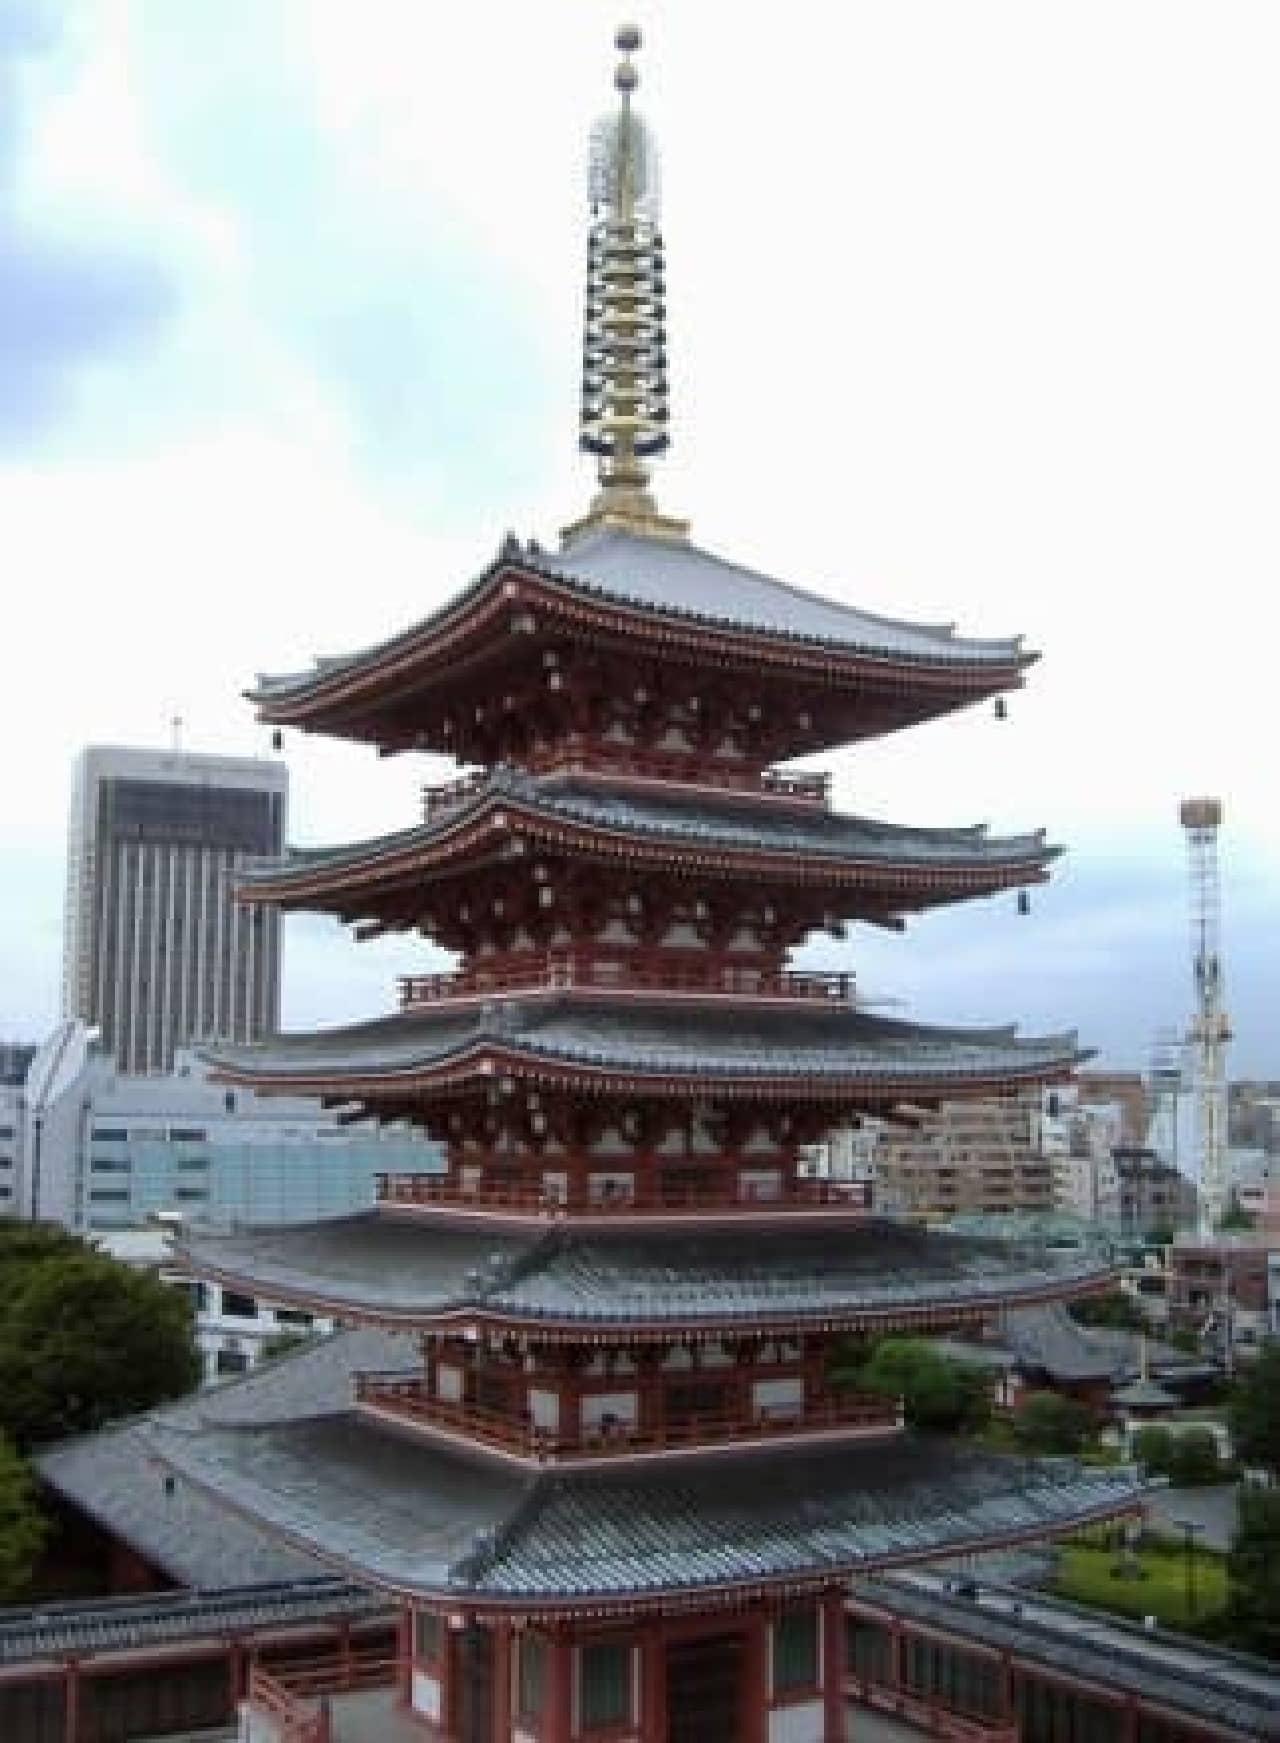 浅草寺、既存の五重塔